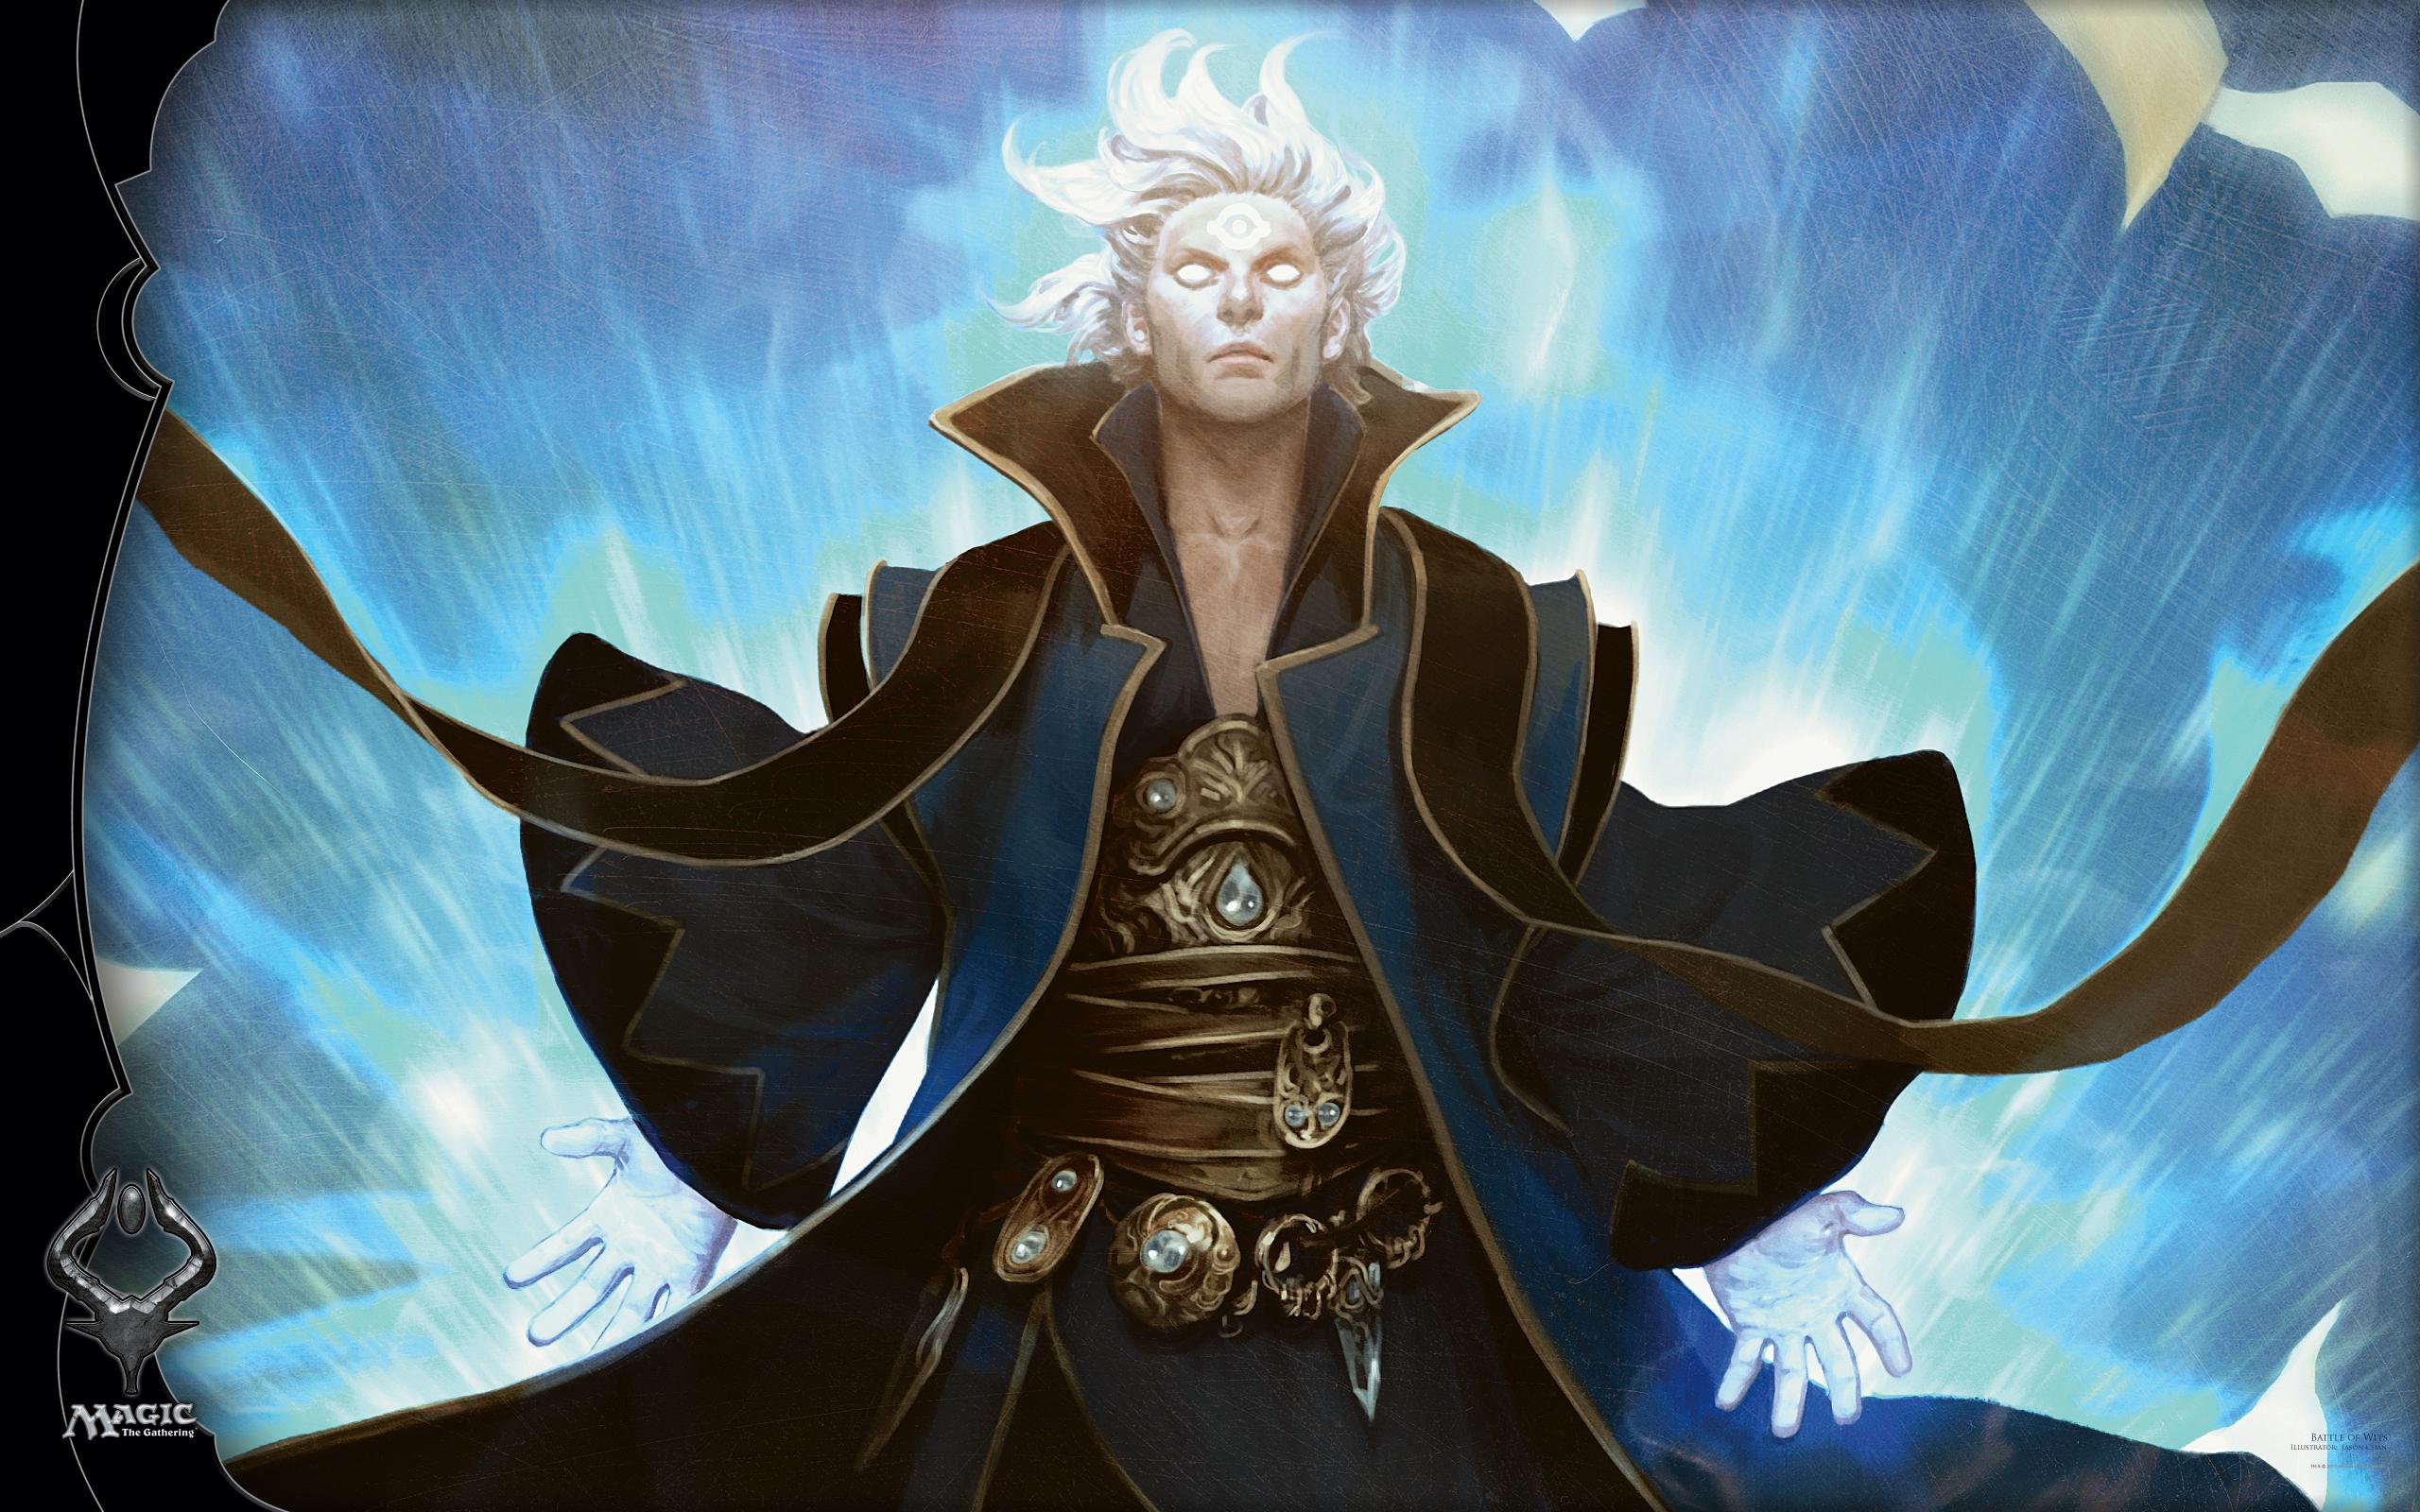 Aasimar sorcerer credit to MtG